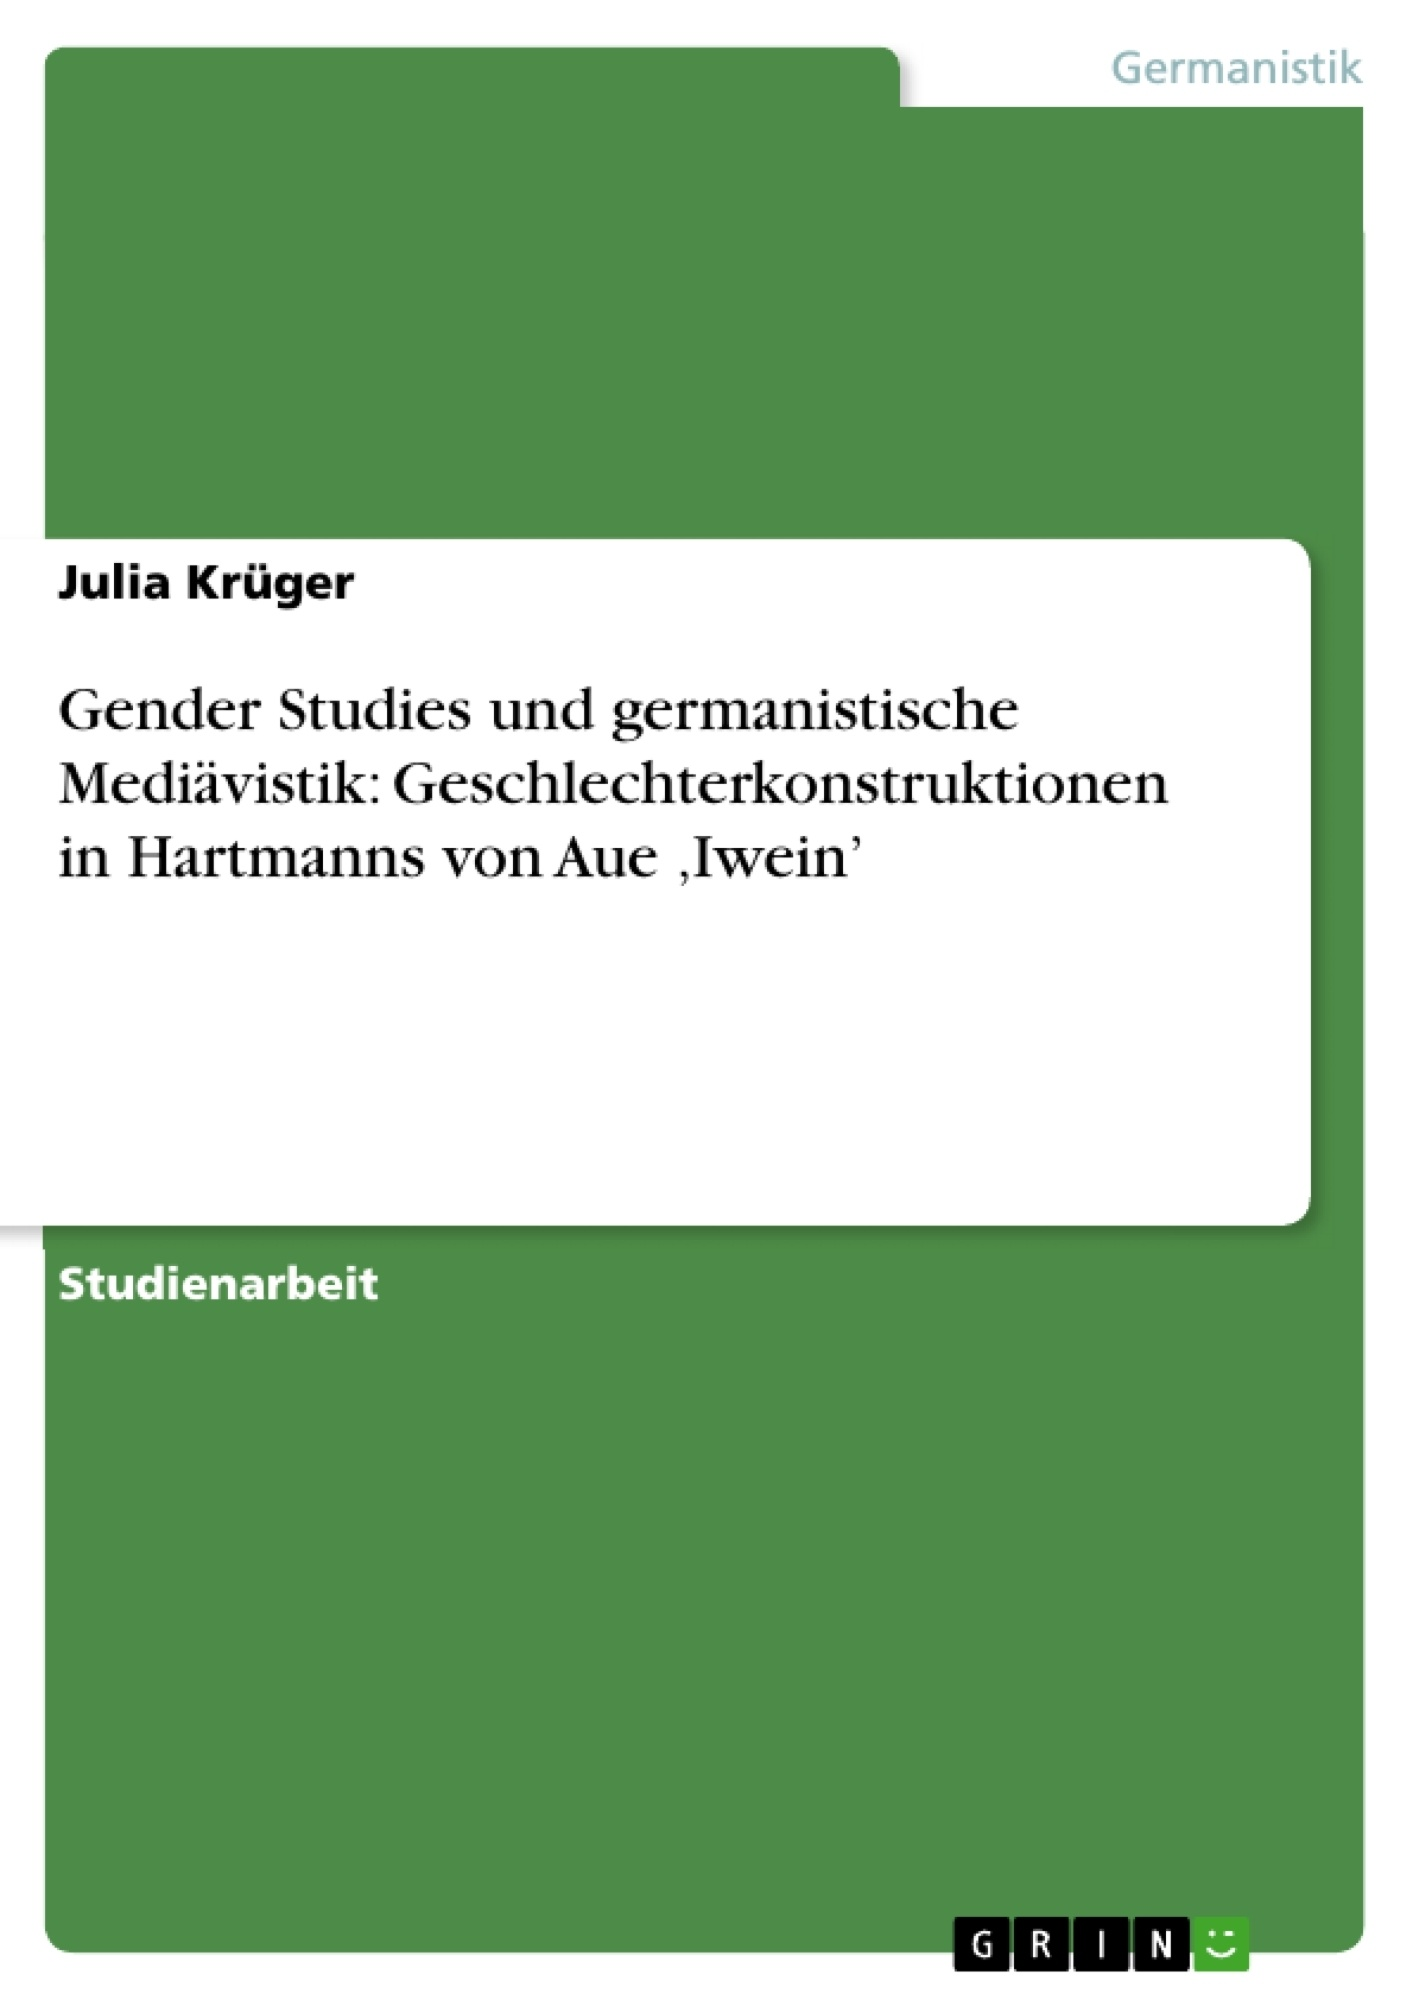 Titel: Gender Studies und germanistische Mediävistik:  Geschlechterkonstruktionen in Hartmanns von Aue 'Iwein'